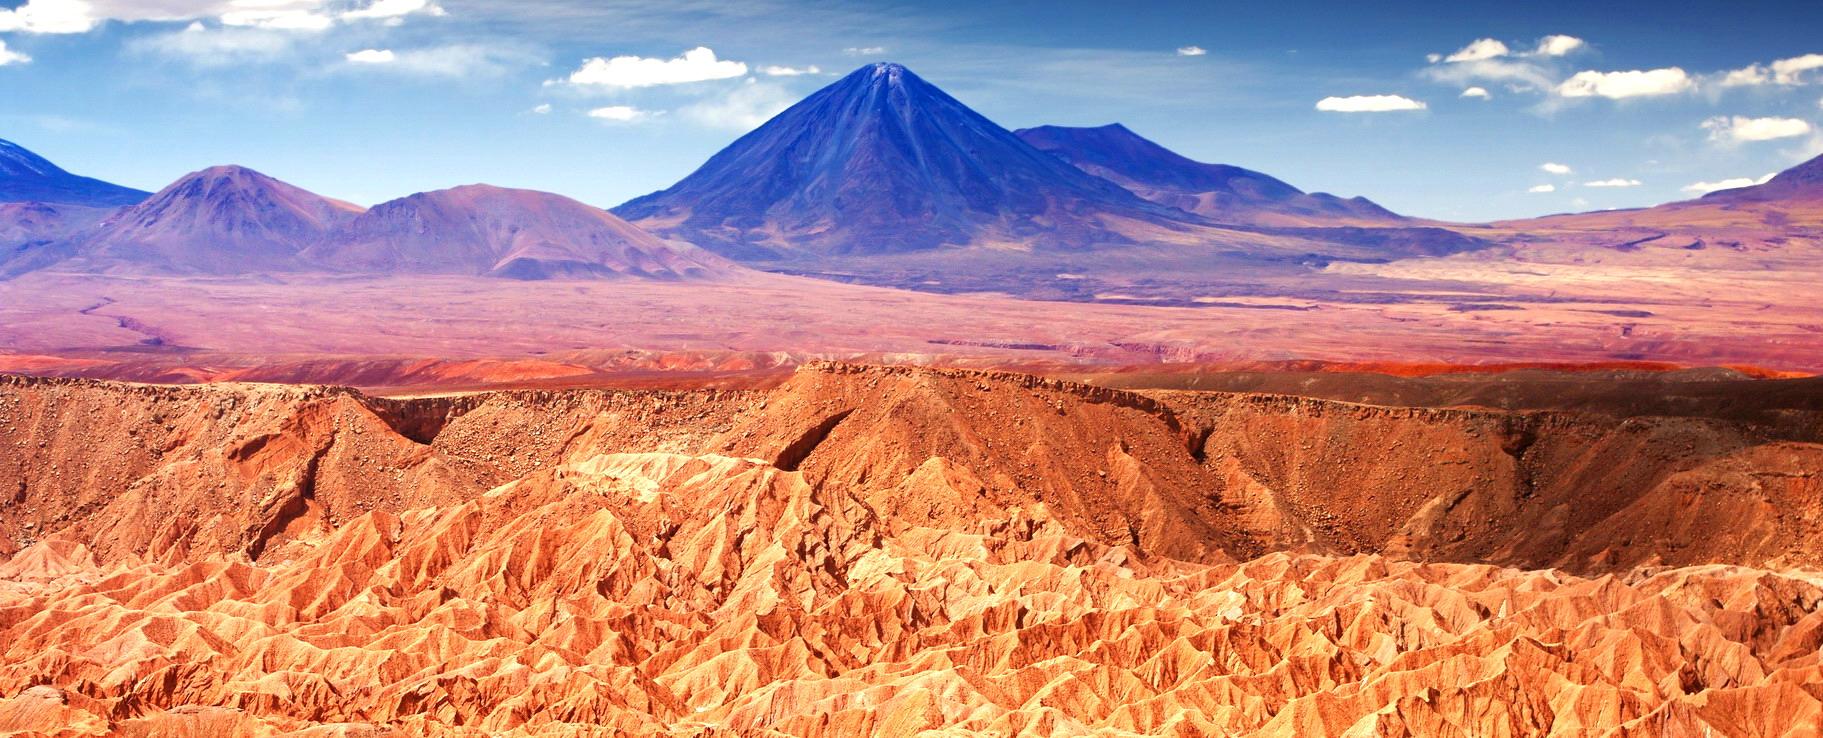 智利阿塔卡瑪沙漠